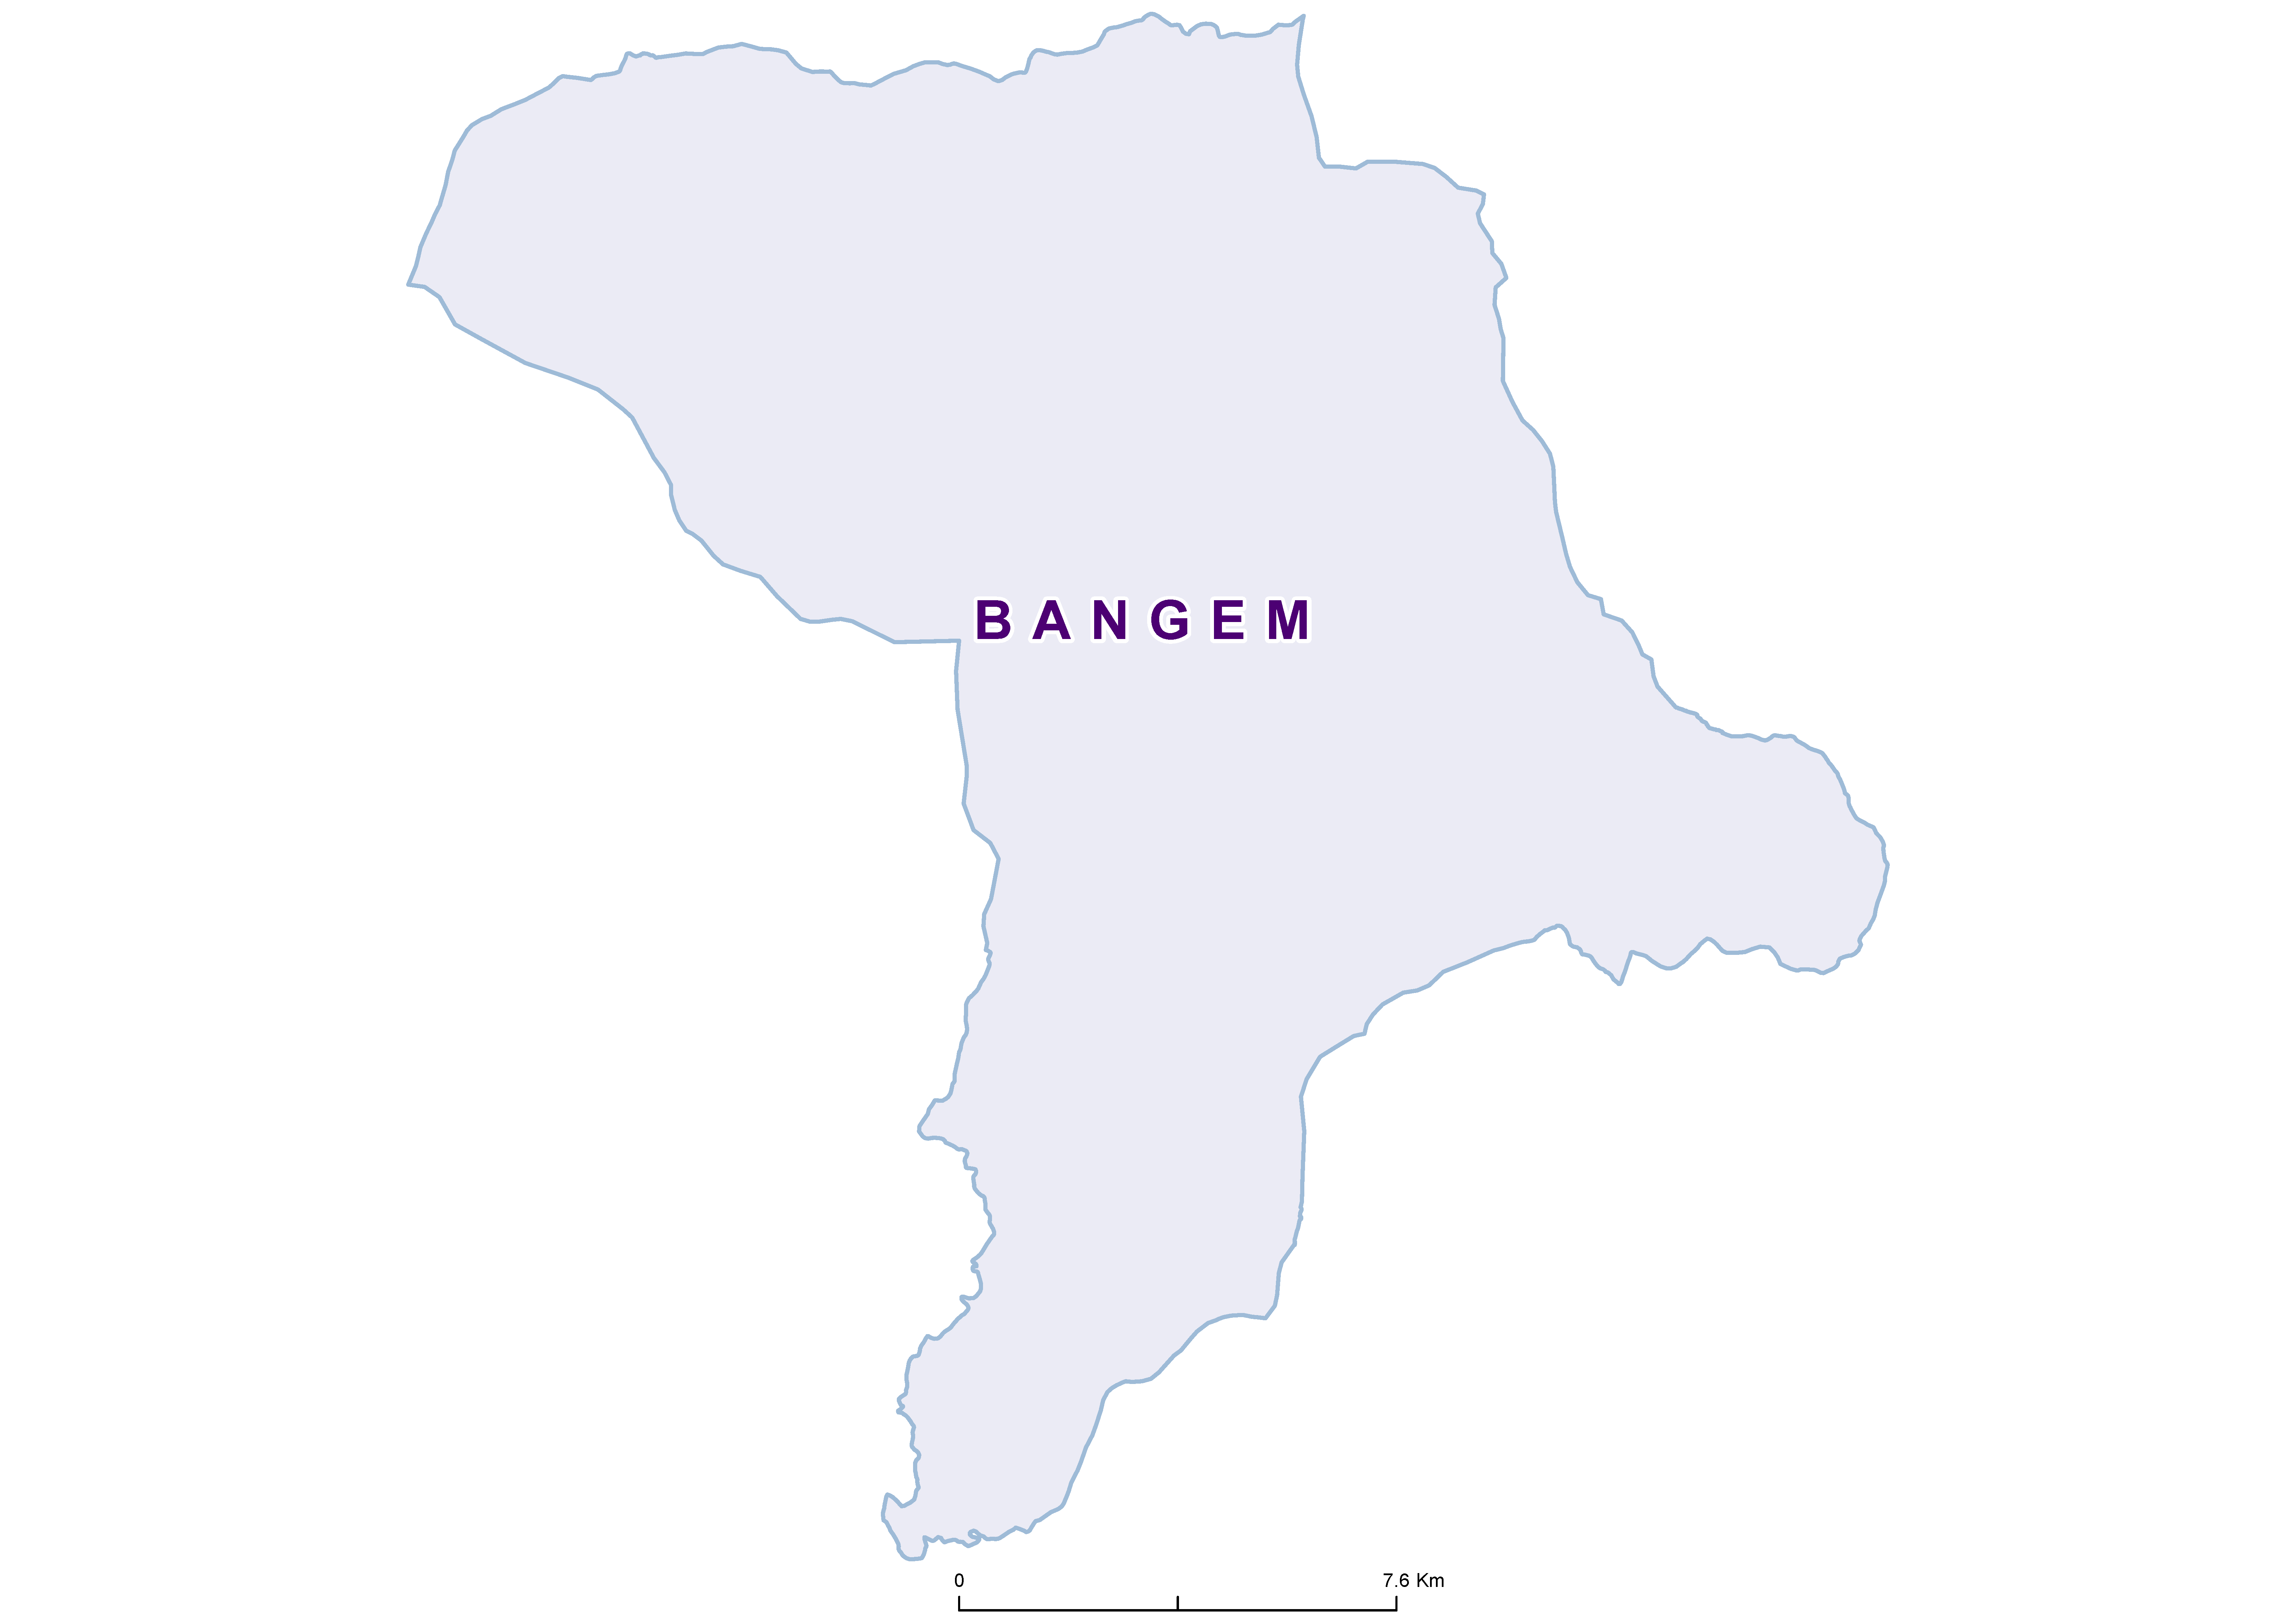 Bangem Mean STH 19850001